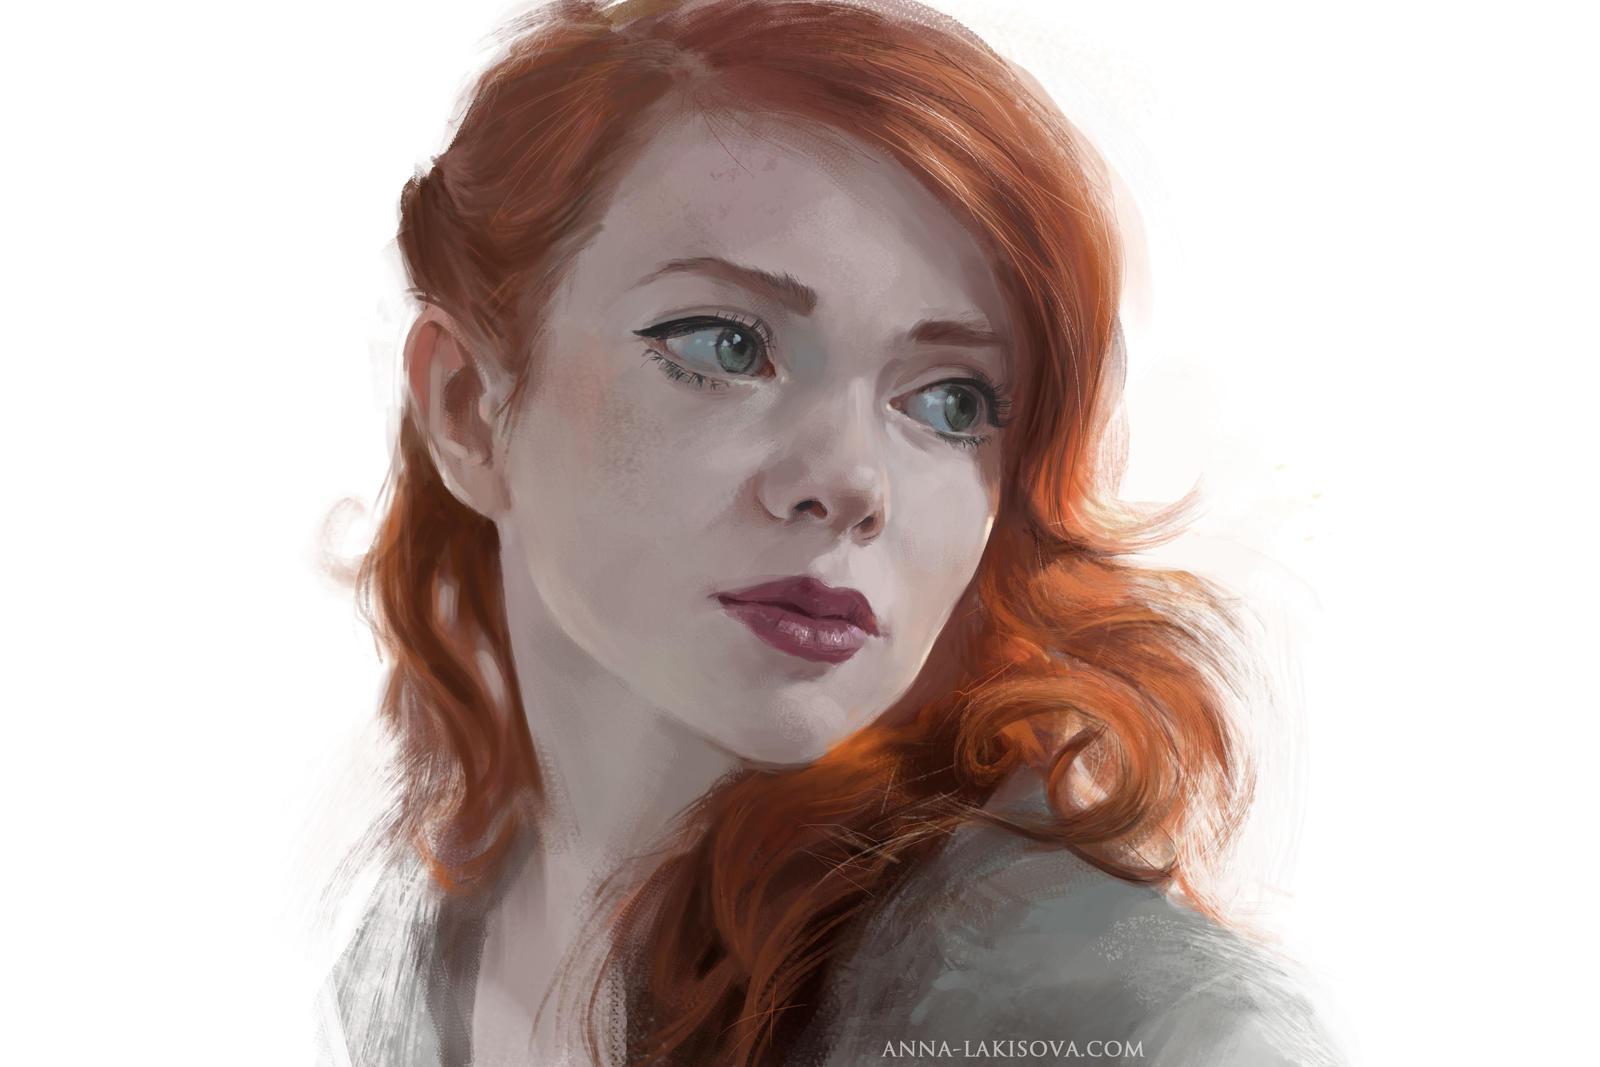 Anna May Redhead